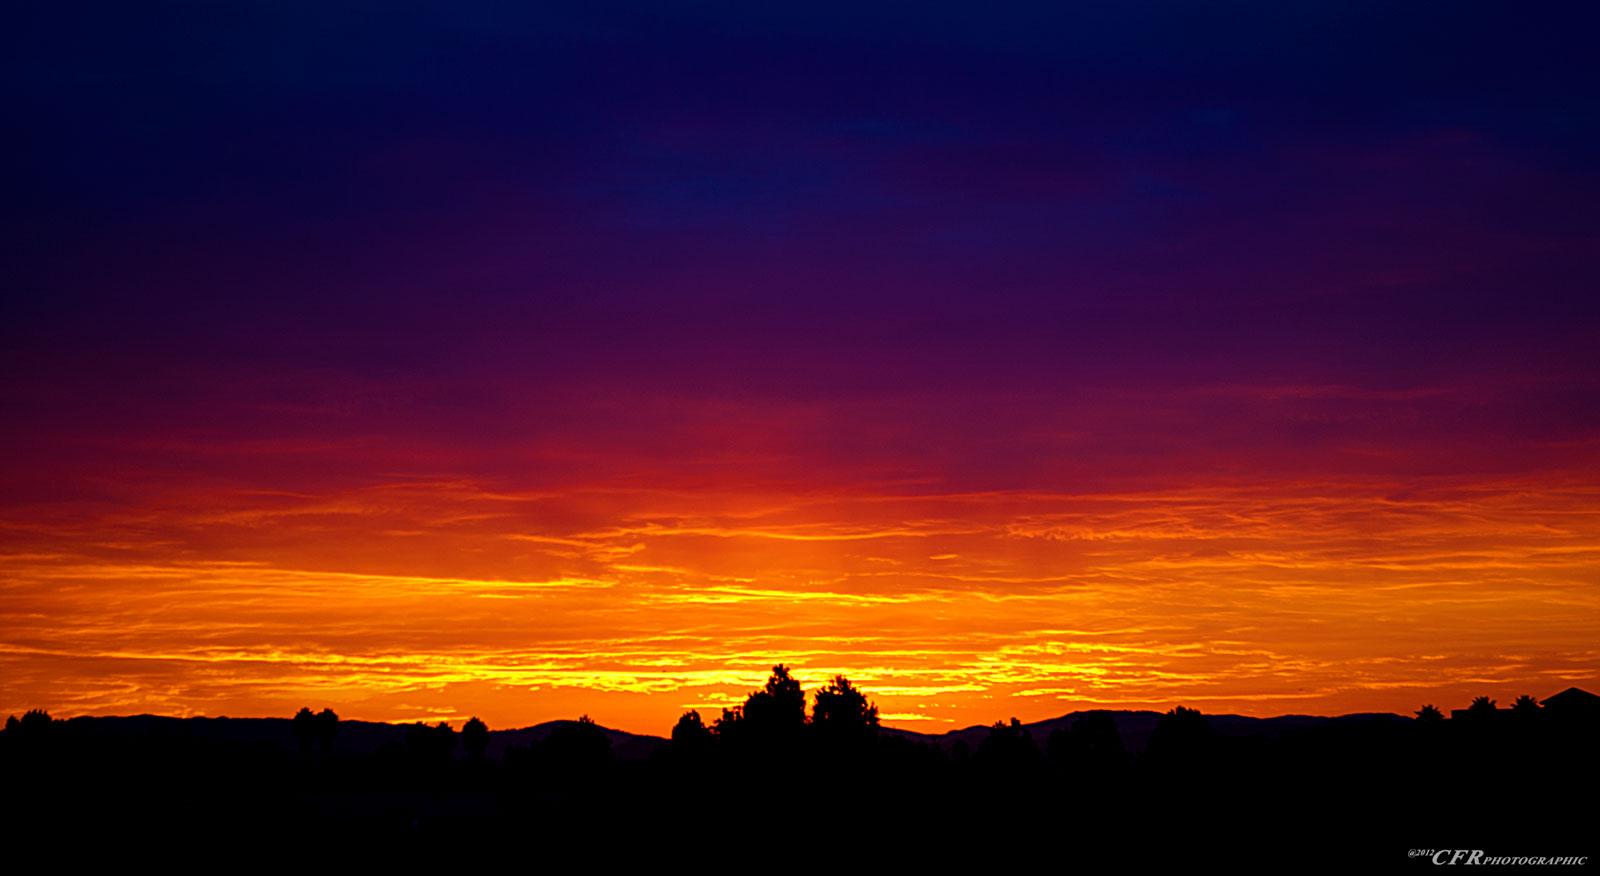 Beautiful Morning Sunrise Quotes. QuotesGram